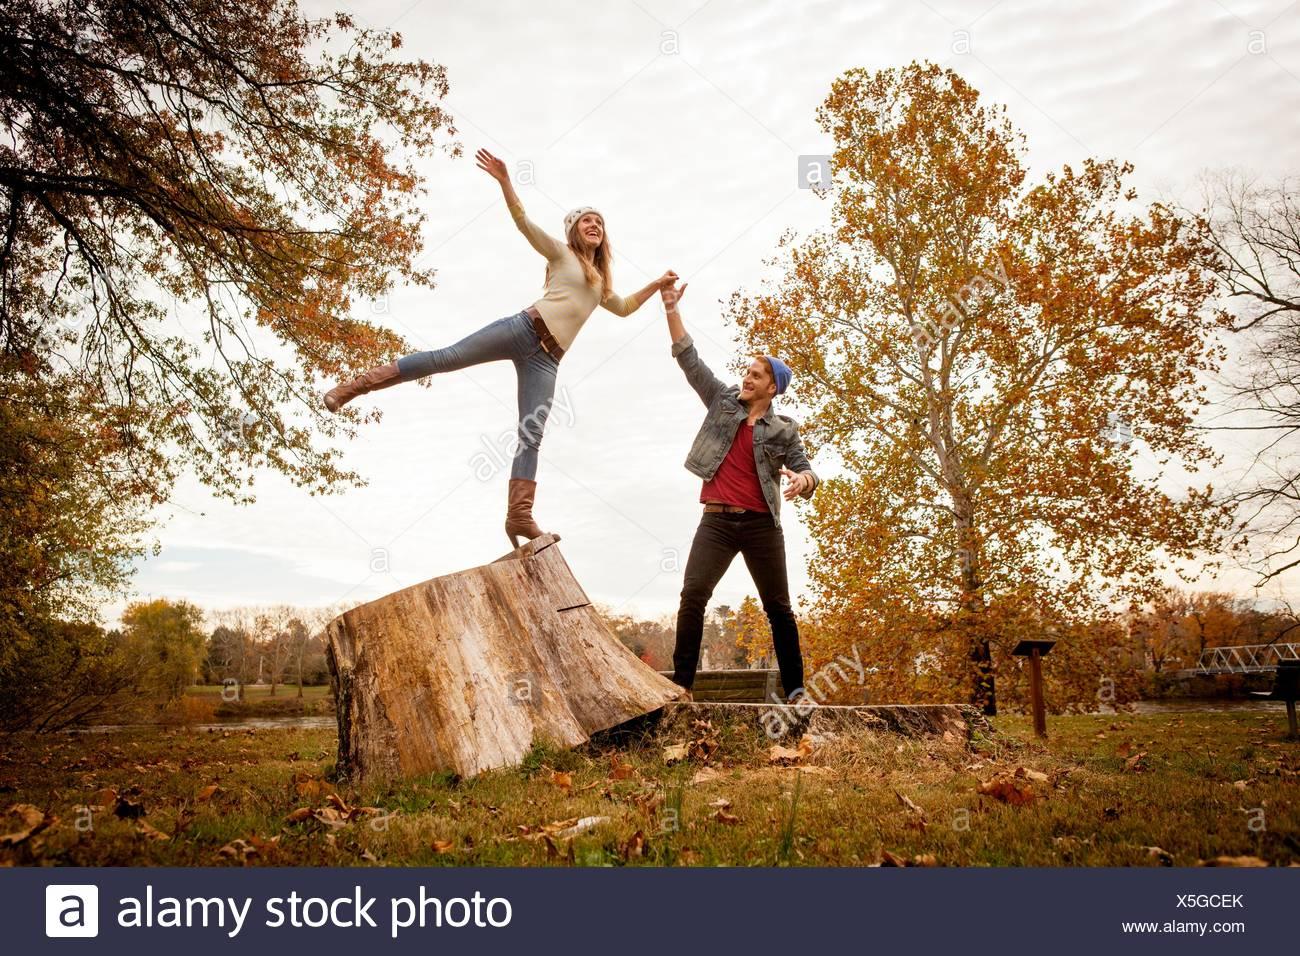 Coppia giovane giocando sul ceppo di albero in autunno park Foto Stock